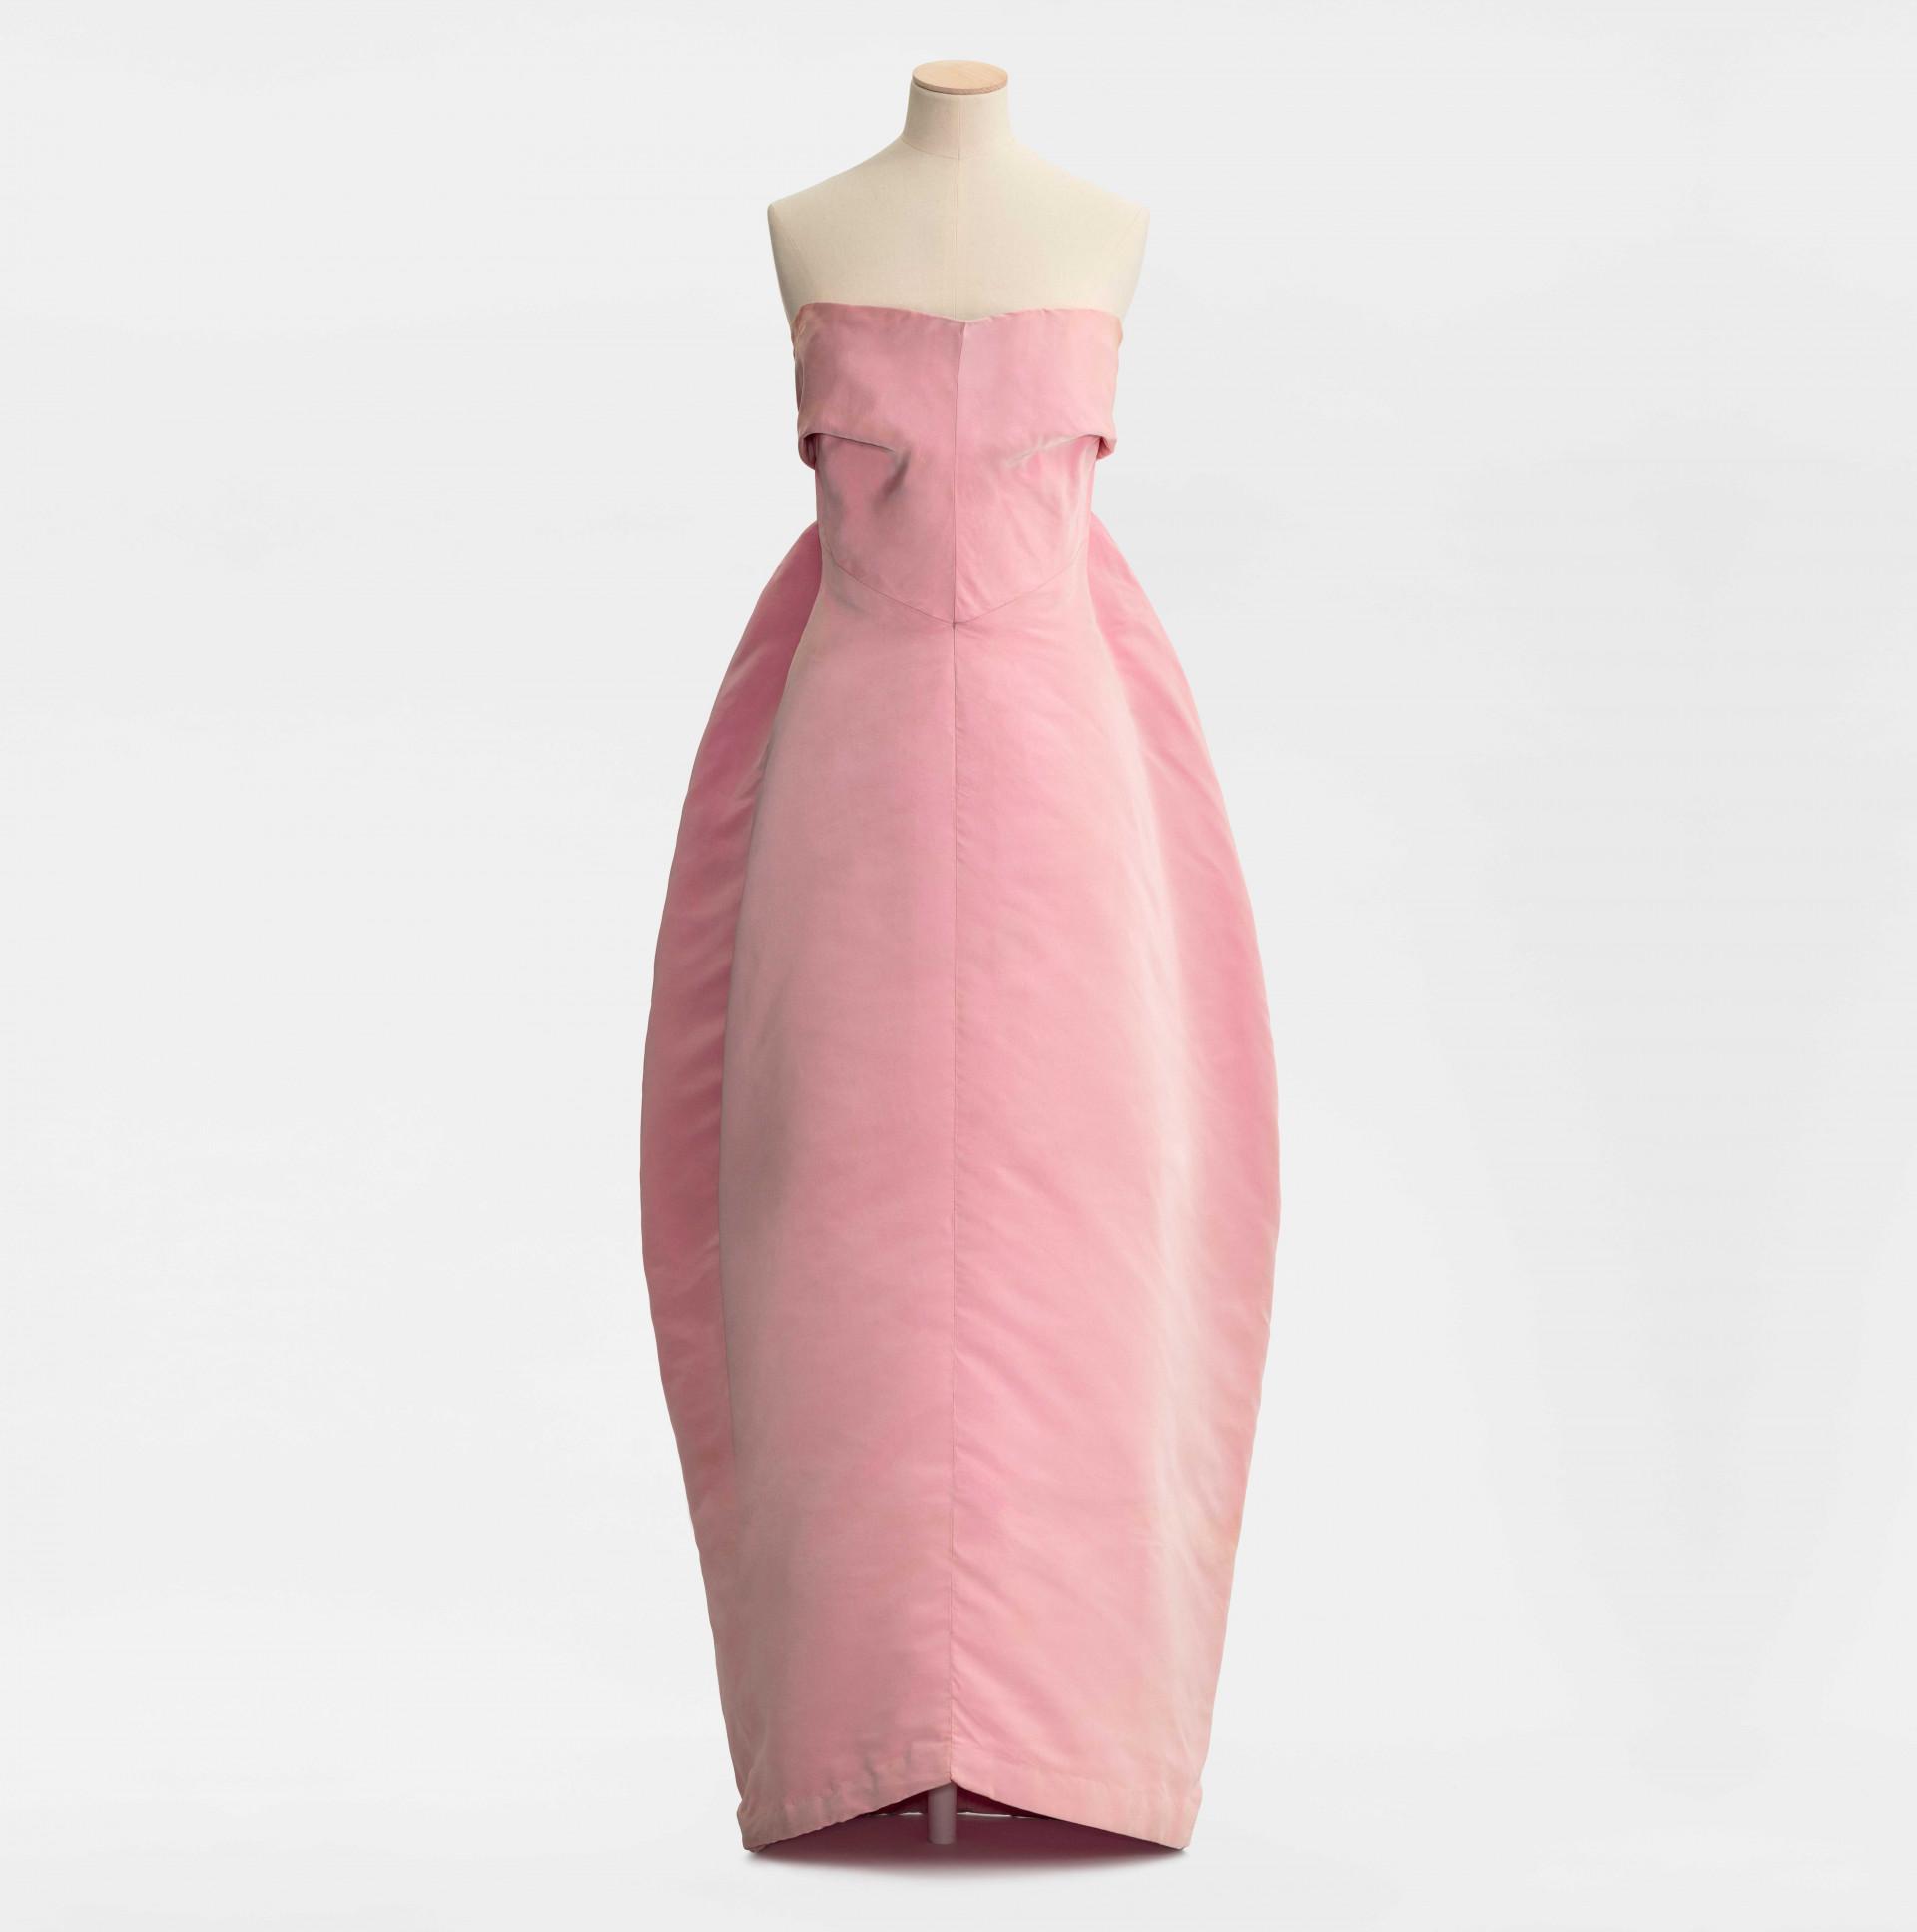 Rosa aftonklänning på provdocka